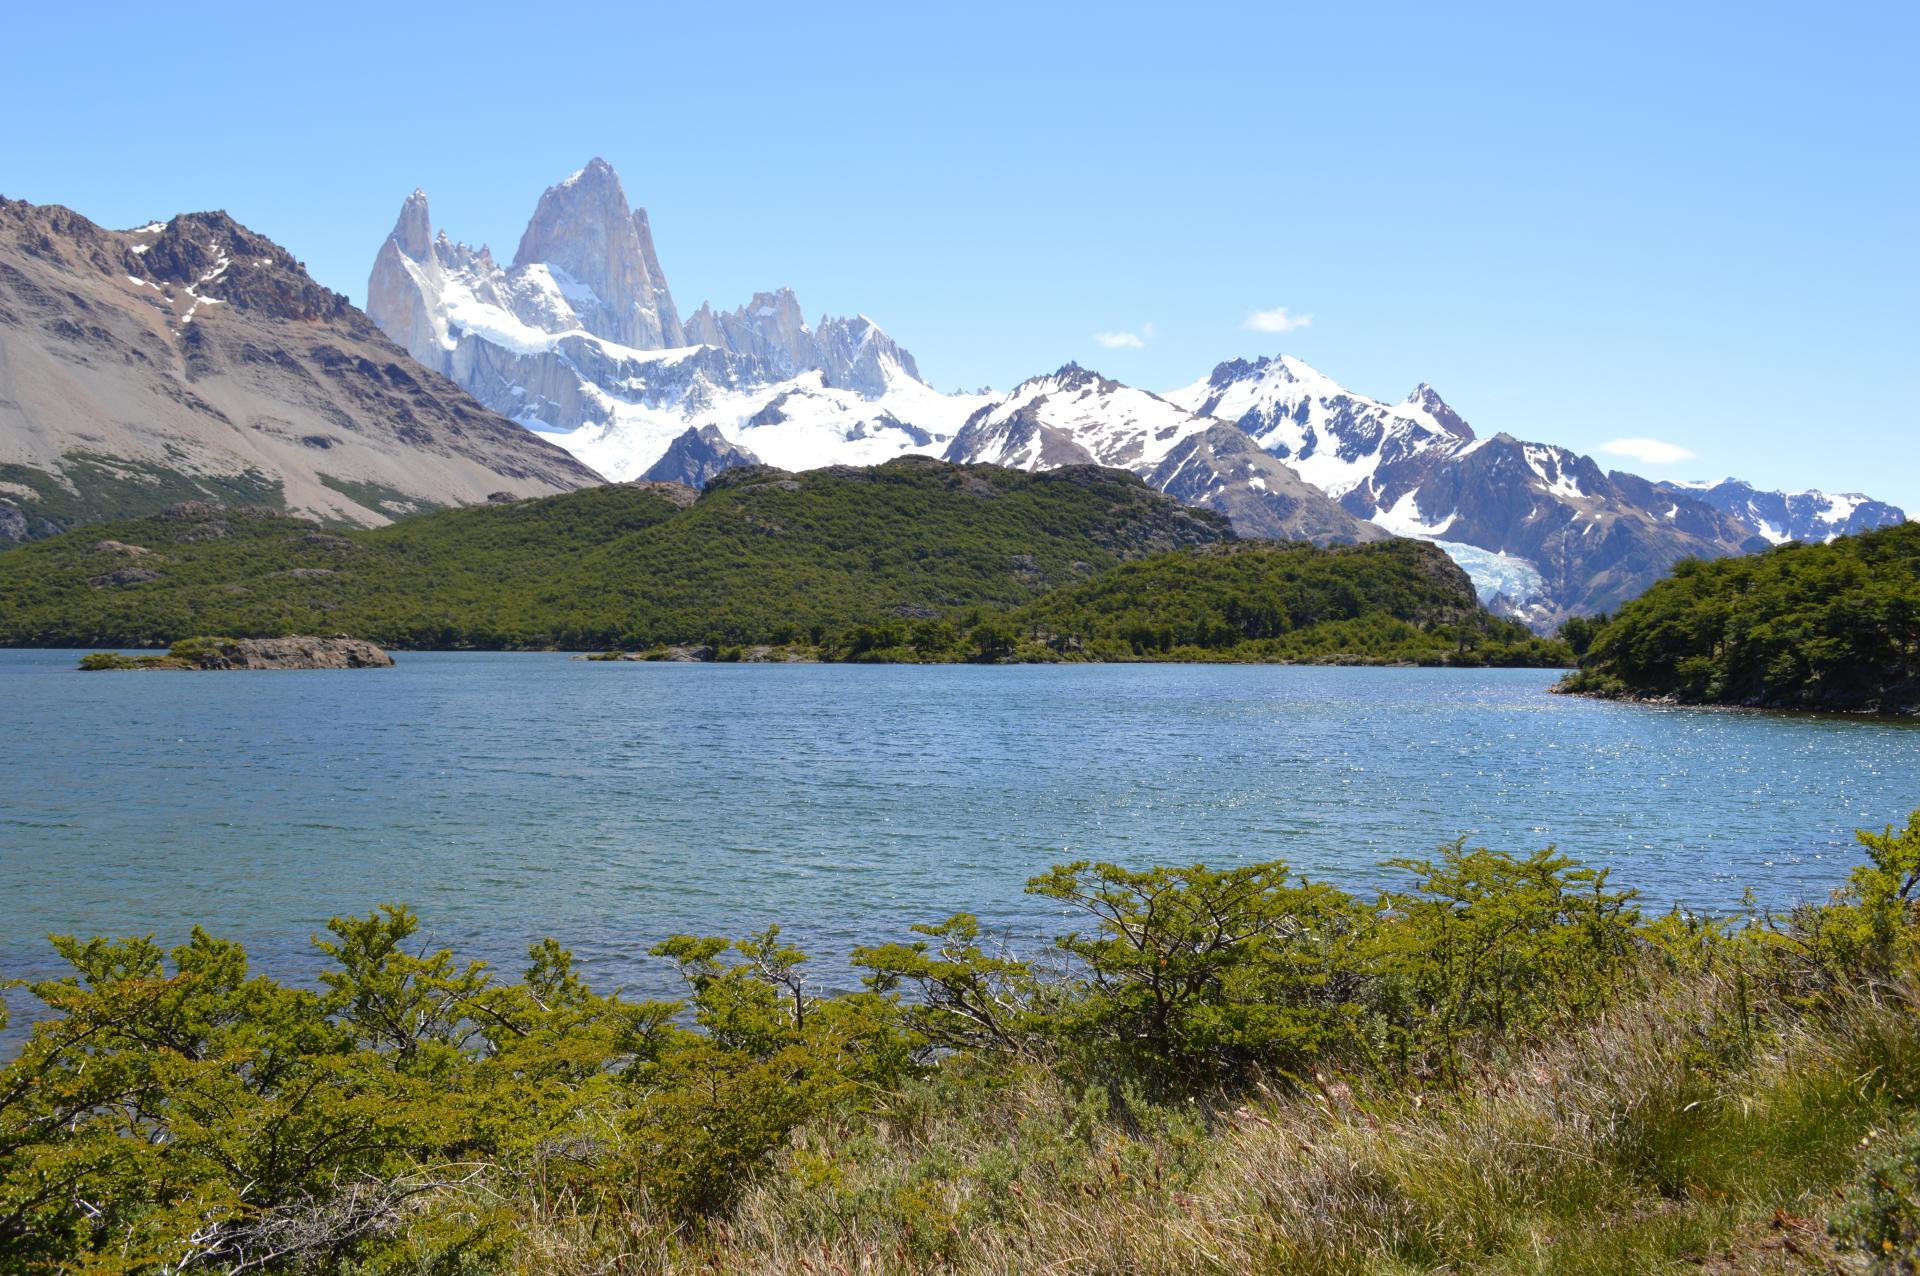 Entdecken Sie die schöne Lagune Capri auf einer Reise nach Patagonien in Argentinien